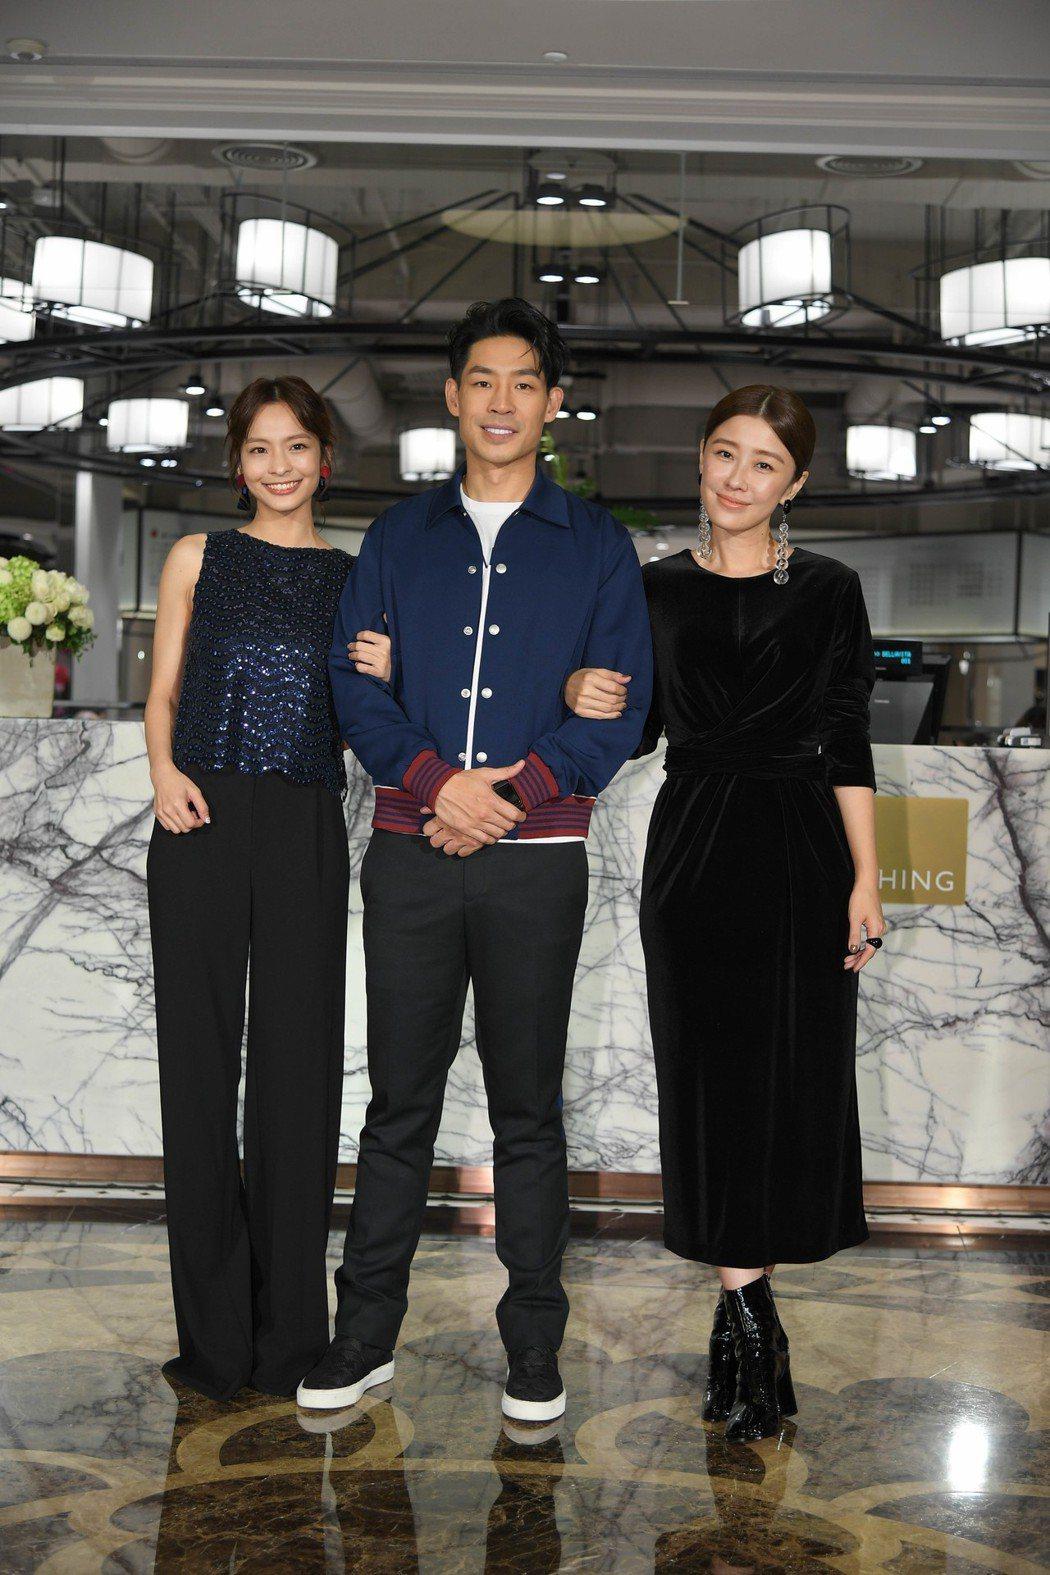 葉星辰(左起)藍鈞天和李維維參加三立迷你劇集「你好,幸福」記者會。圖/三立提供